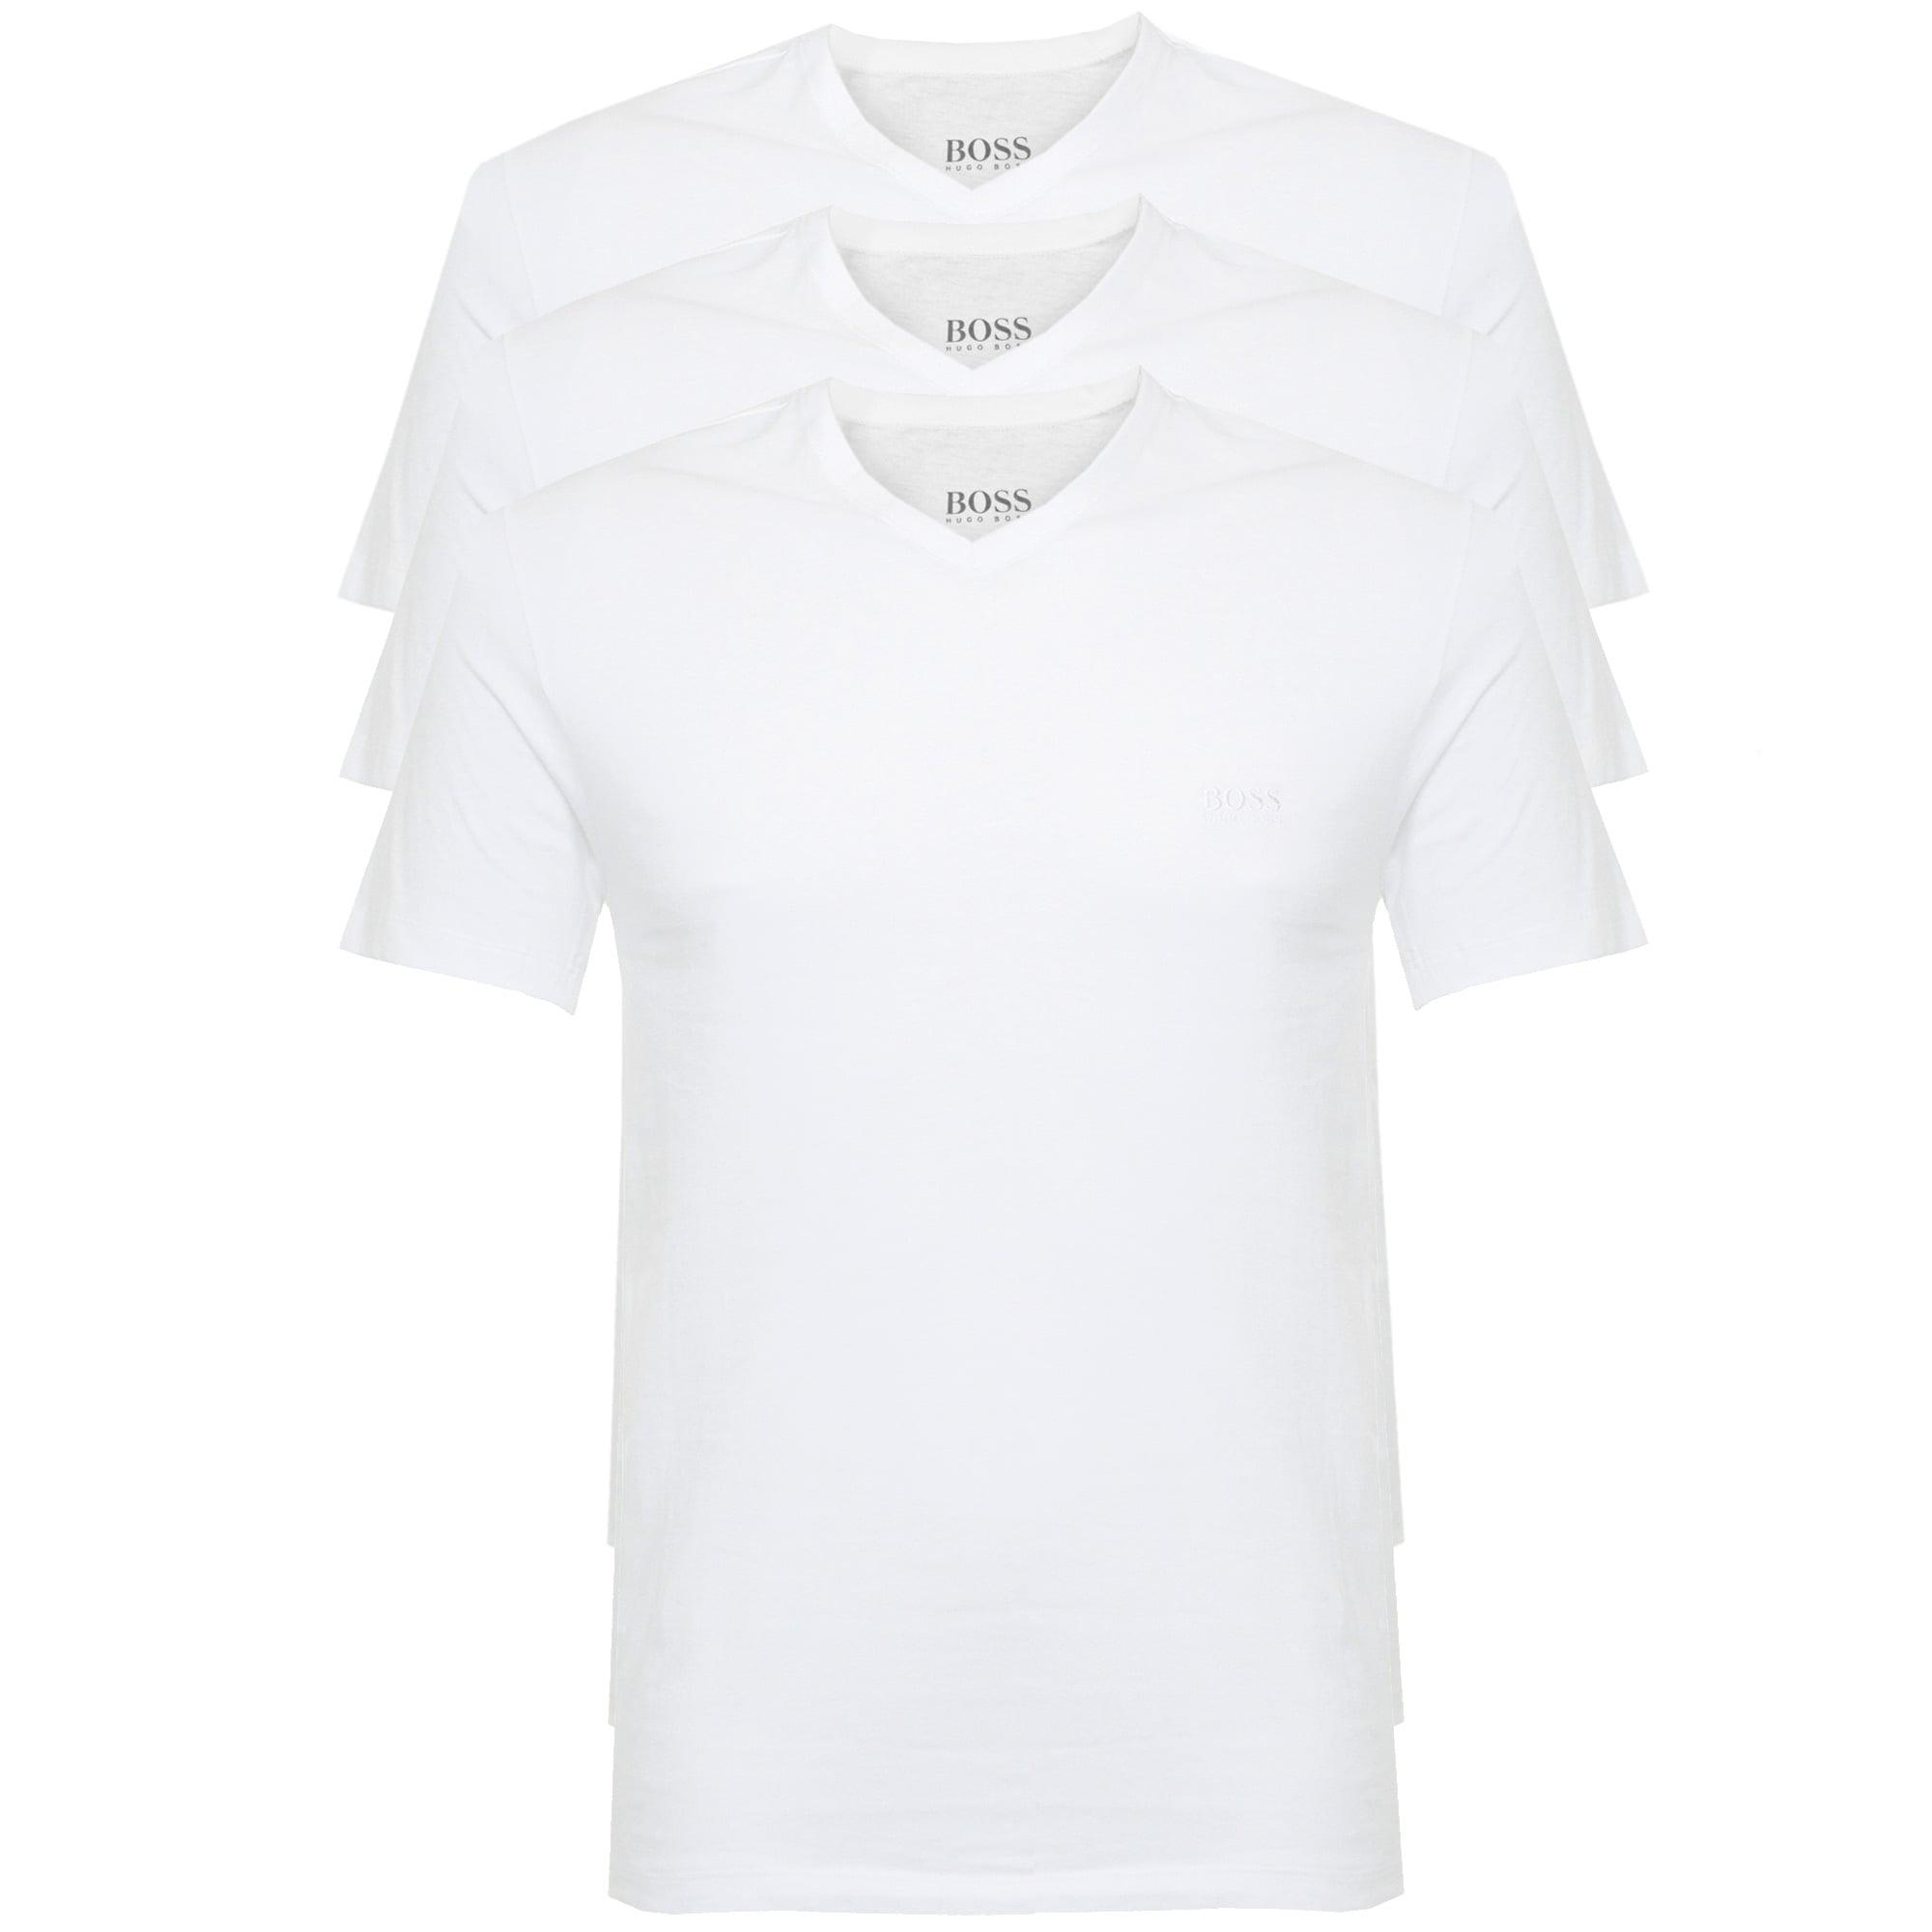 5e52f2a66 Hugo Boss Triple Pack V-neck White T-Shirt 50325389